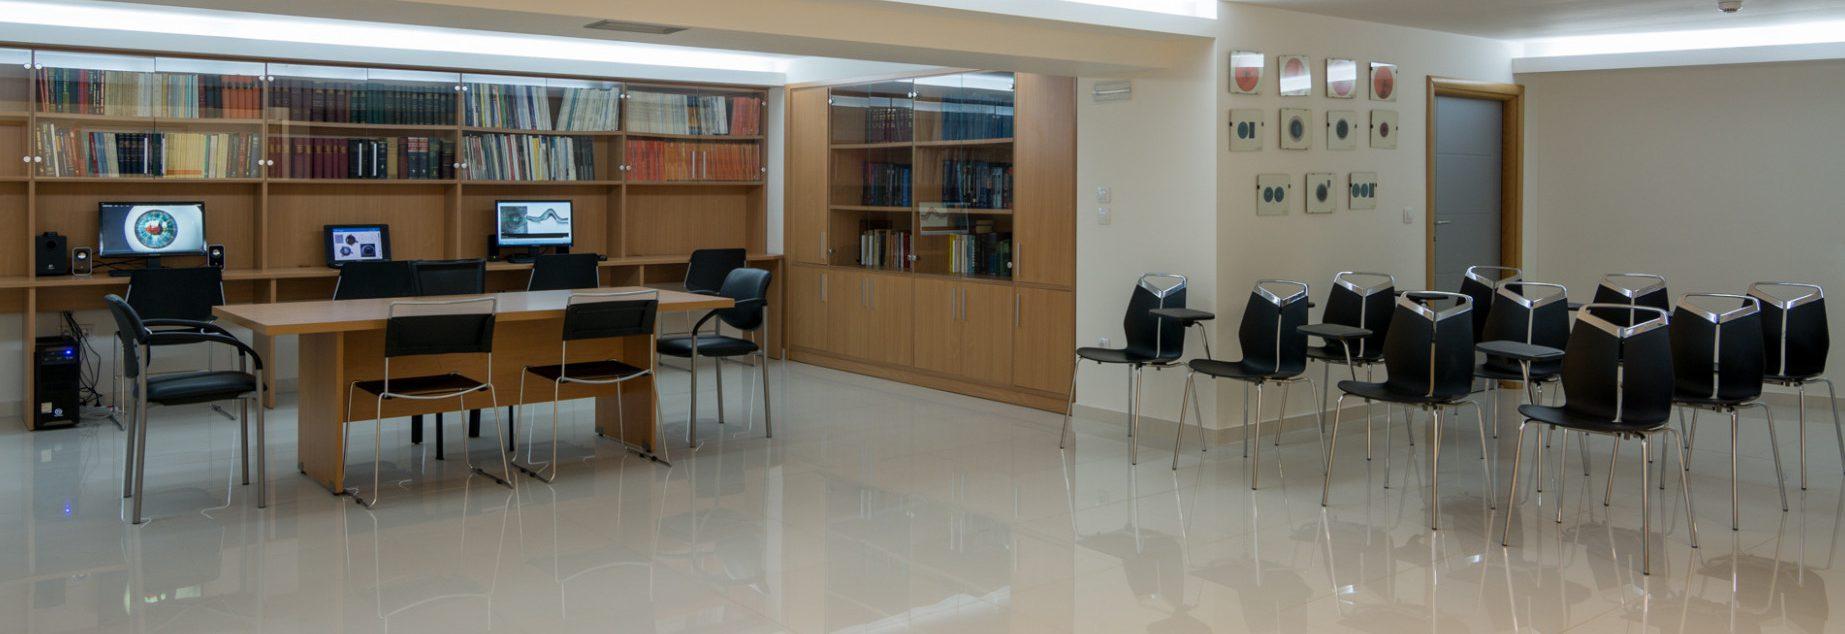 Κέντρο έρευνας & εκπαίδευσης